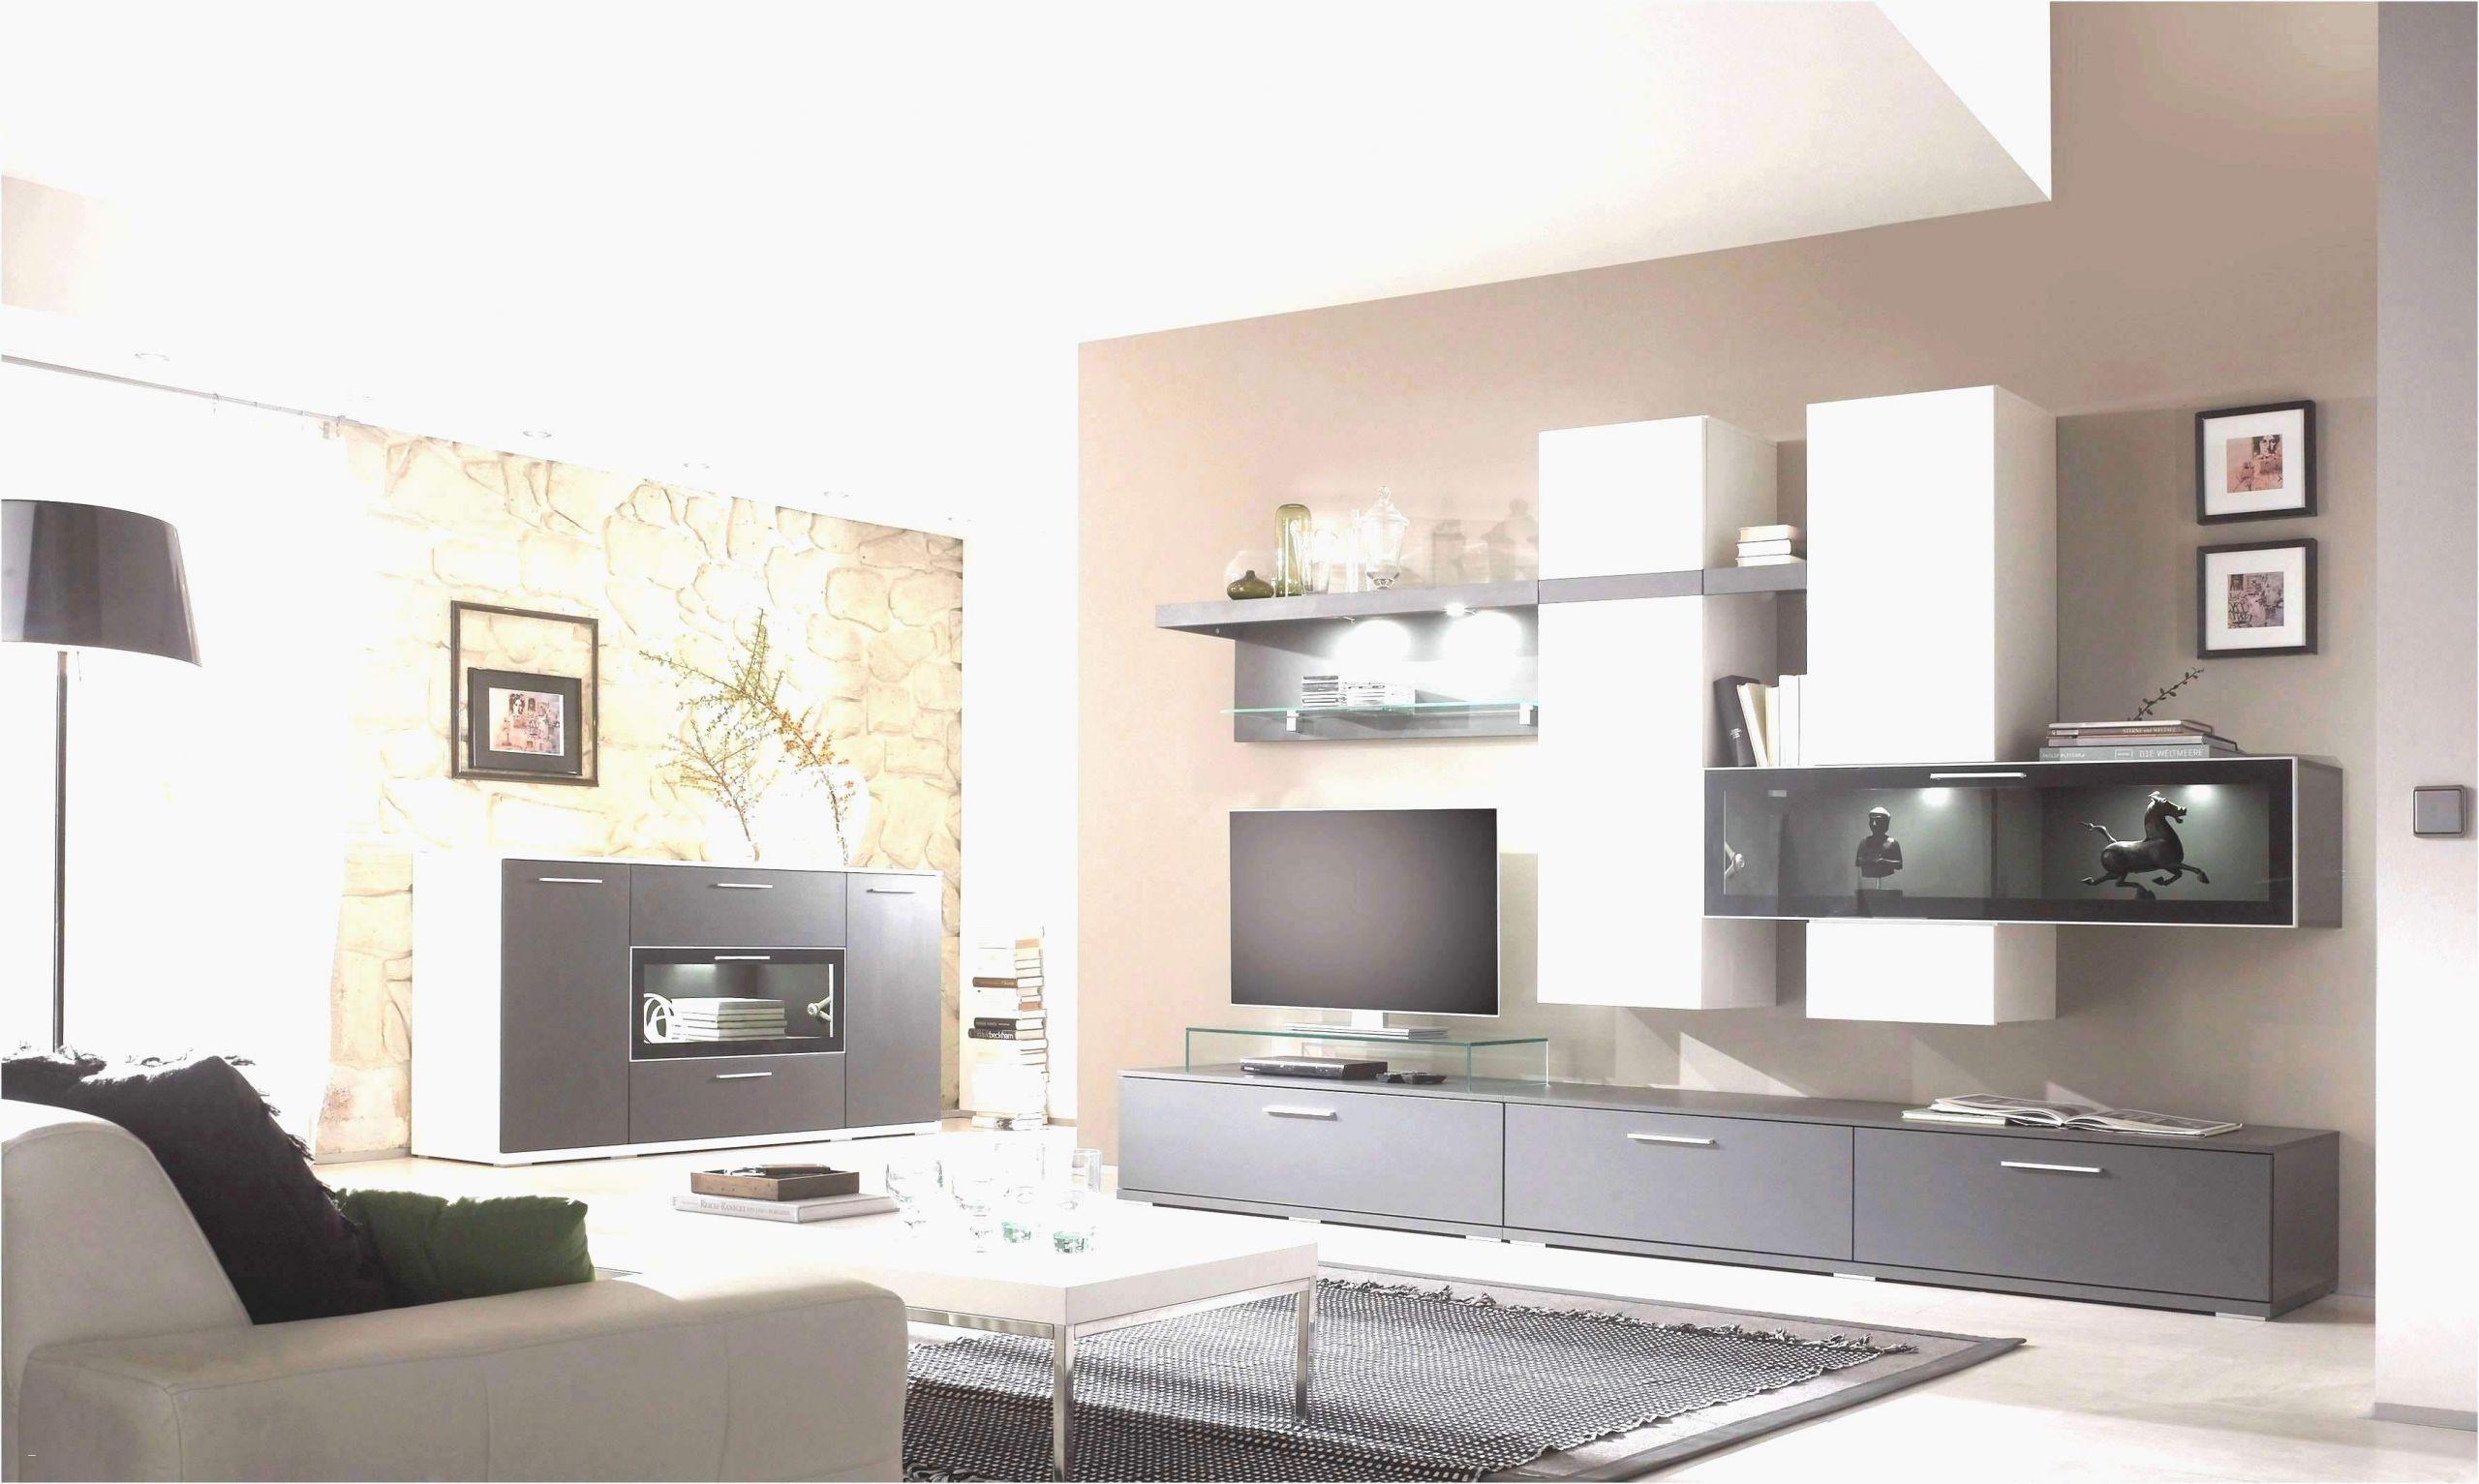 Full Size of Raumteiler Ikea Miniküche Modulküche Regal Küche Kosten Sofa Mit Schlaffunktion Betten Bei 160x200 Kaufen Wohnzimmer Raumteiler Ikea